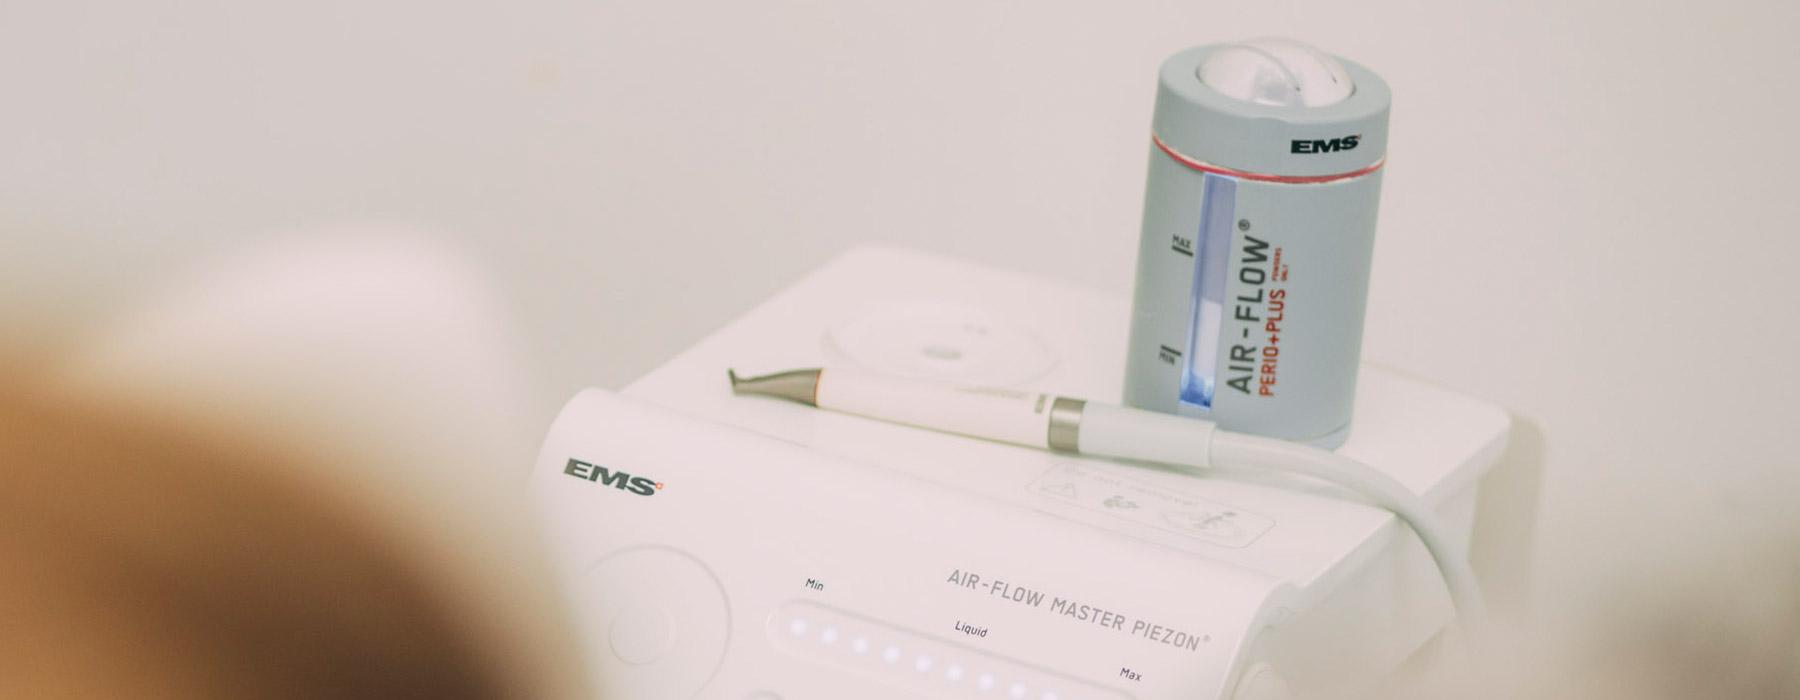 Gerät, mit dem die Zähne in Frankfurt besonders schonend professionell gereinigt werden